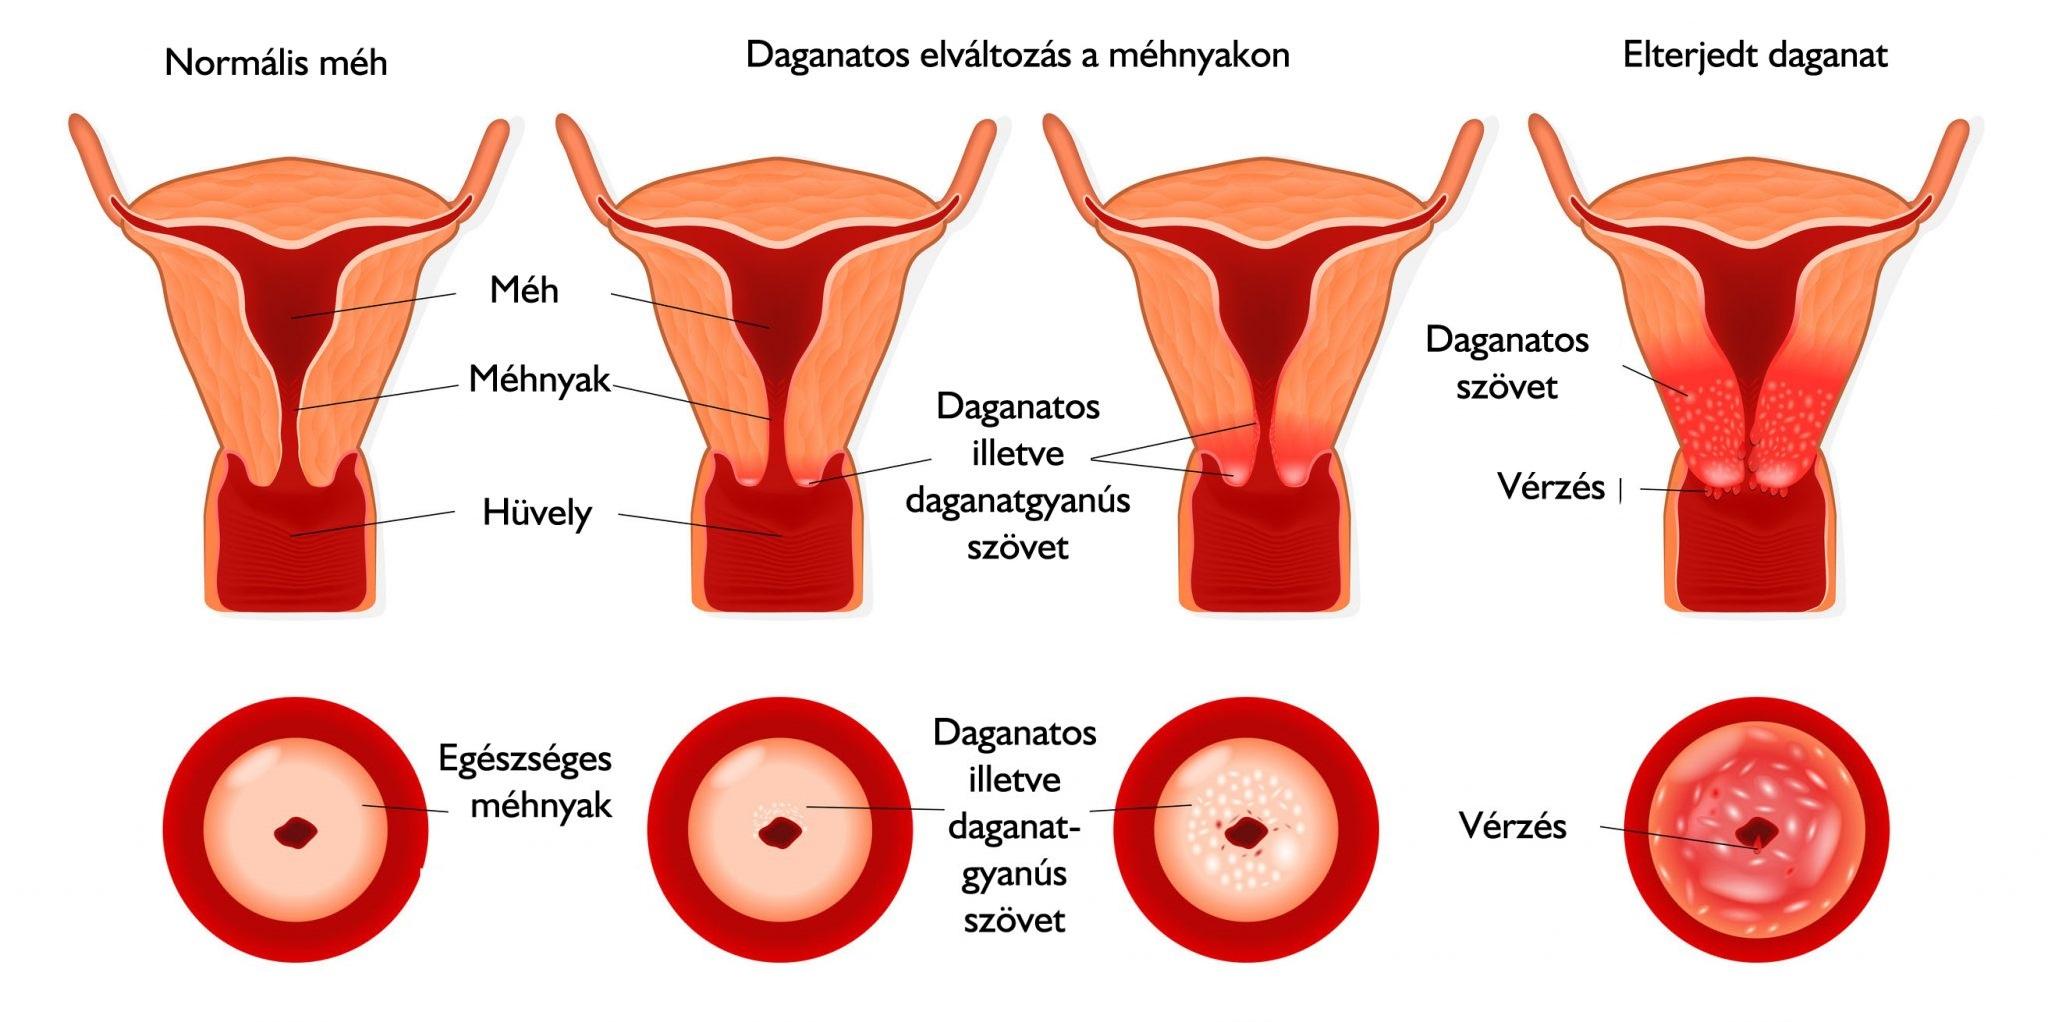 konilláció után papillomavírus